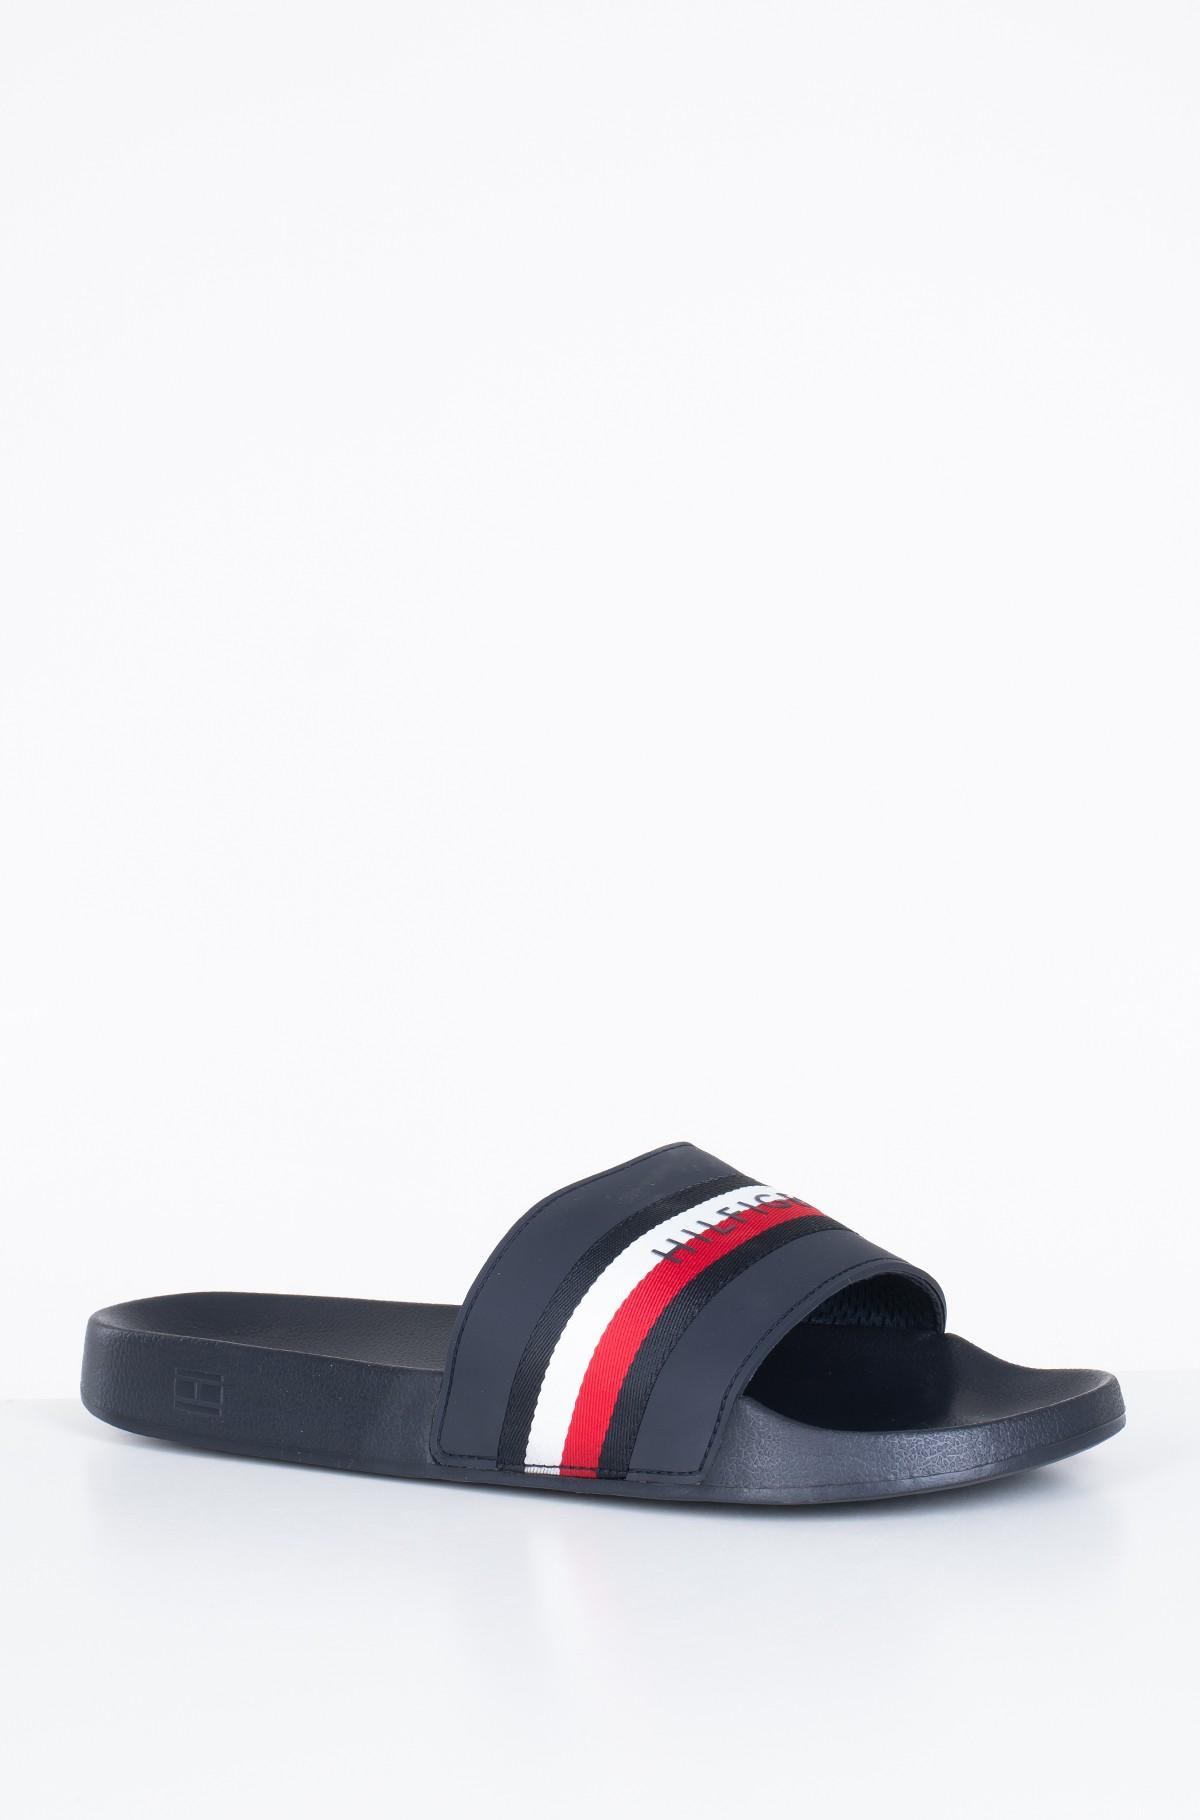 Flip-flops CORPORATE STRIPE POOLSLIDE-full-2